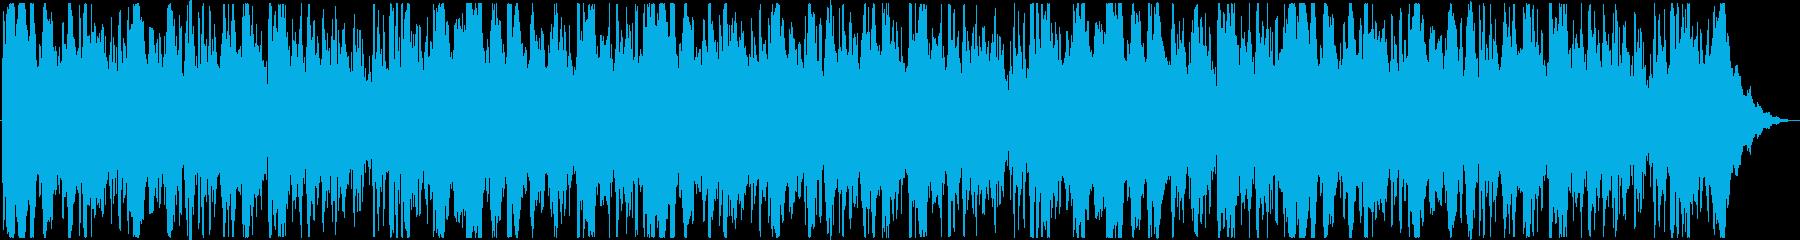 ドローン モンキードローン02の再生済みの波形